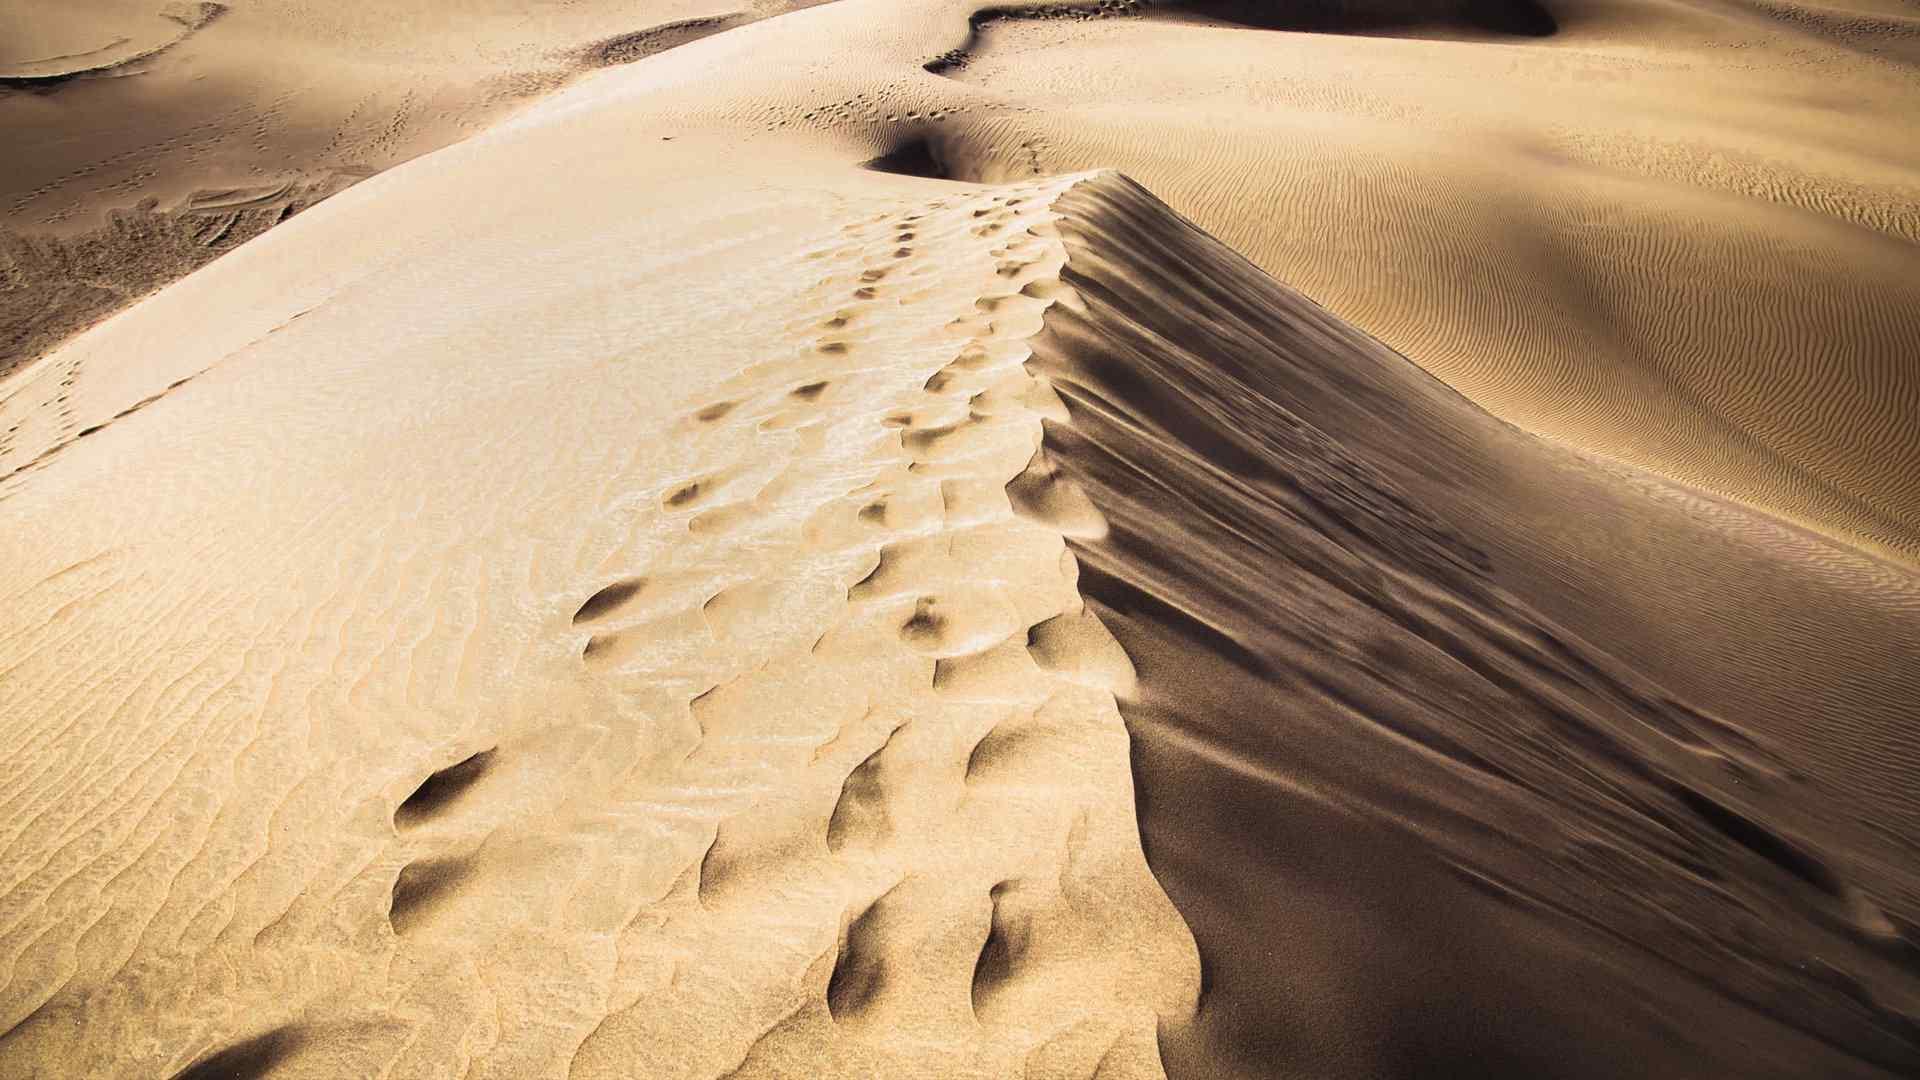 精选沙漠图片素材高清桌面壁纸